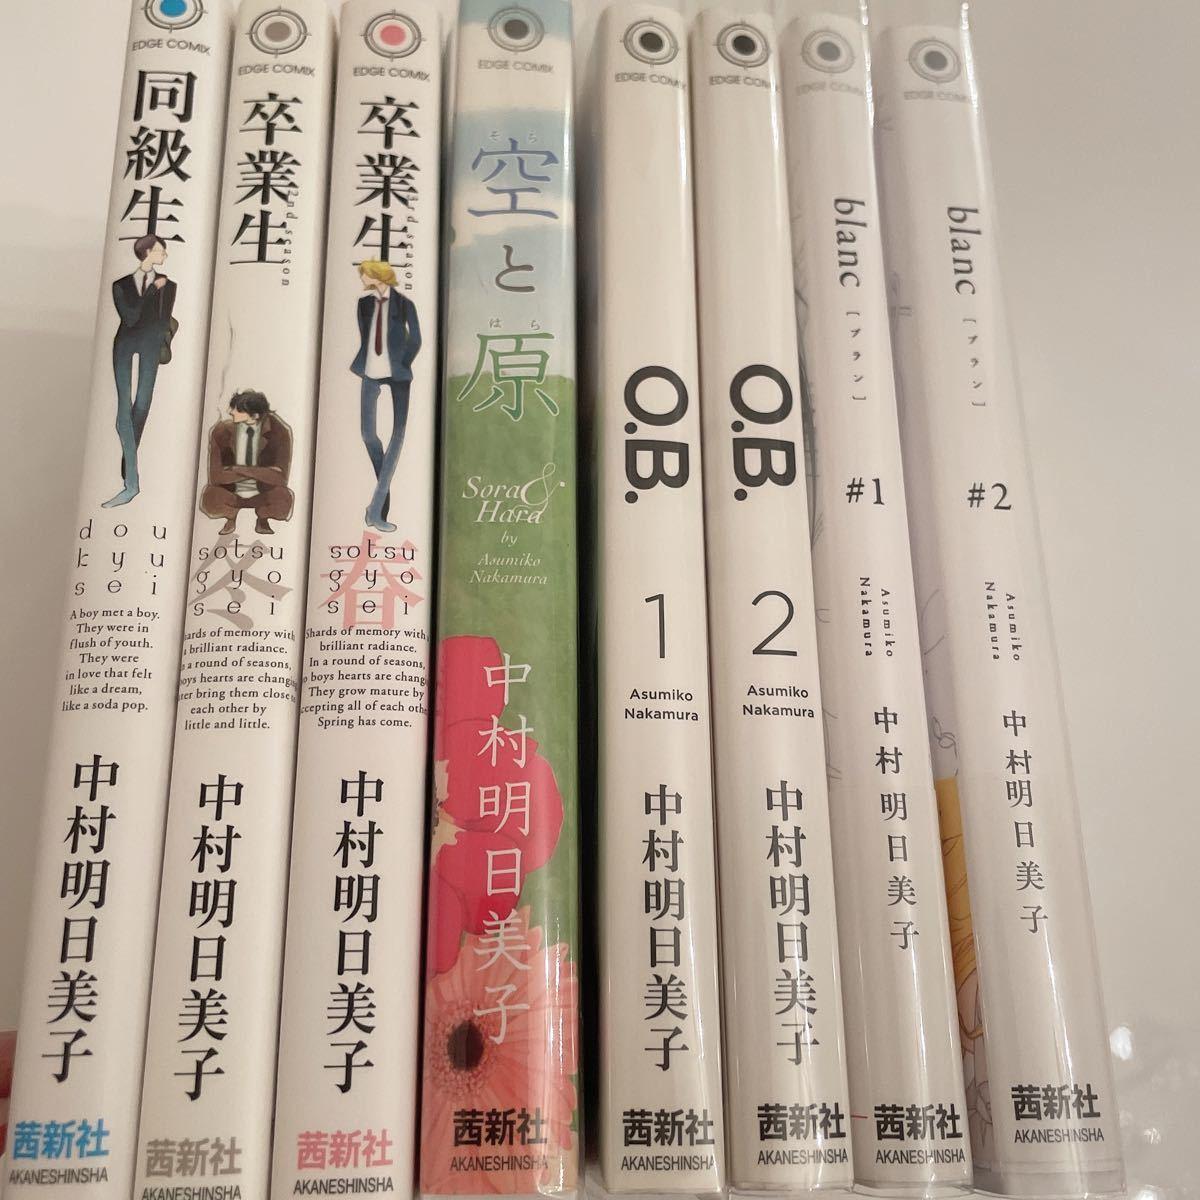 BL漫画 BLコミック 同級生 卒業生 春  冬 空と原 O.B 1 2 blanc ブラン # 中村明日美子 全巻セット